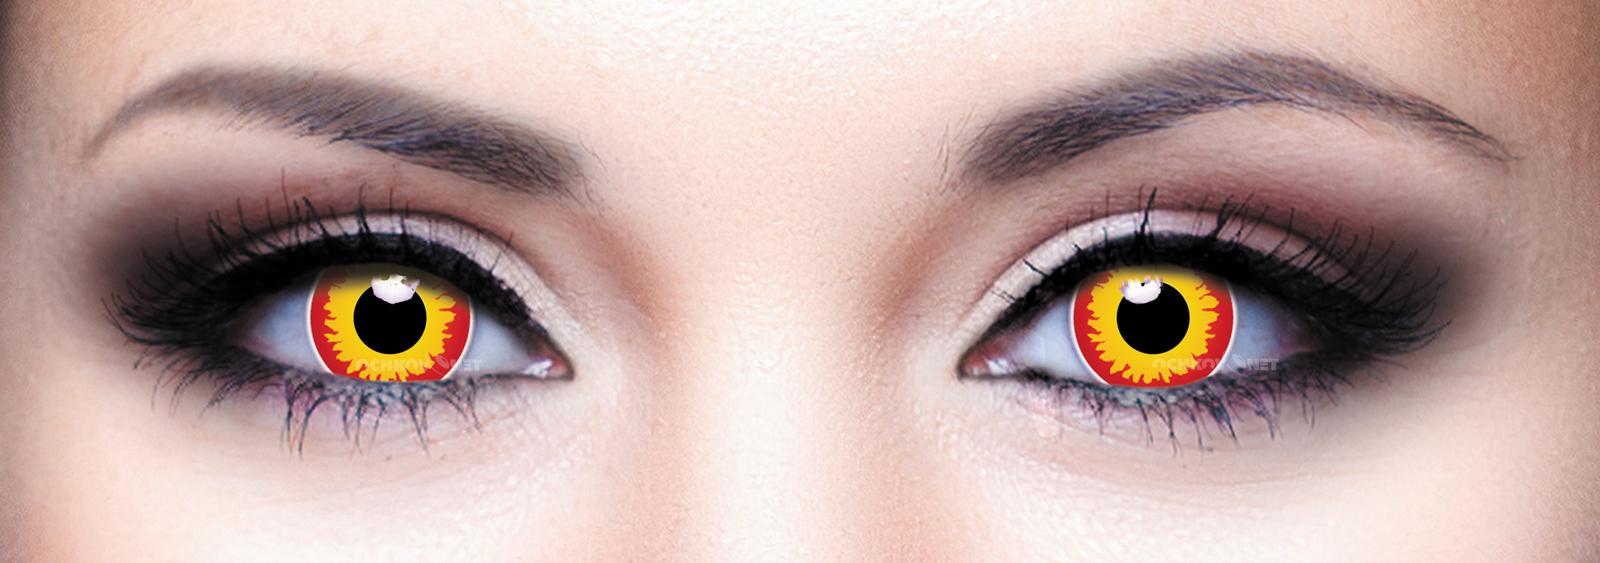 Контактные линзы Офтальмикс Butterfly Crazy 2 линзы F-18 Волчий глаз